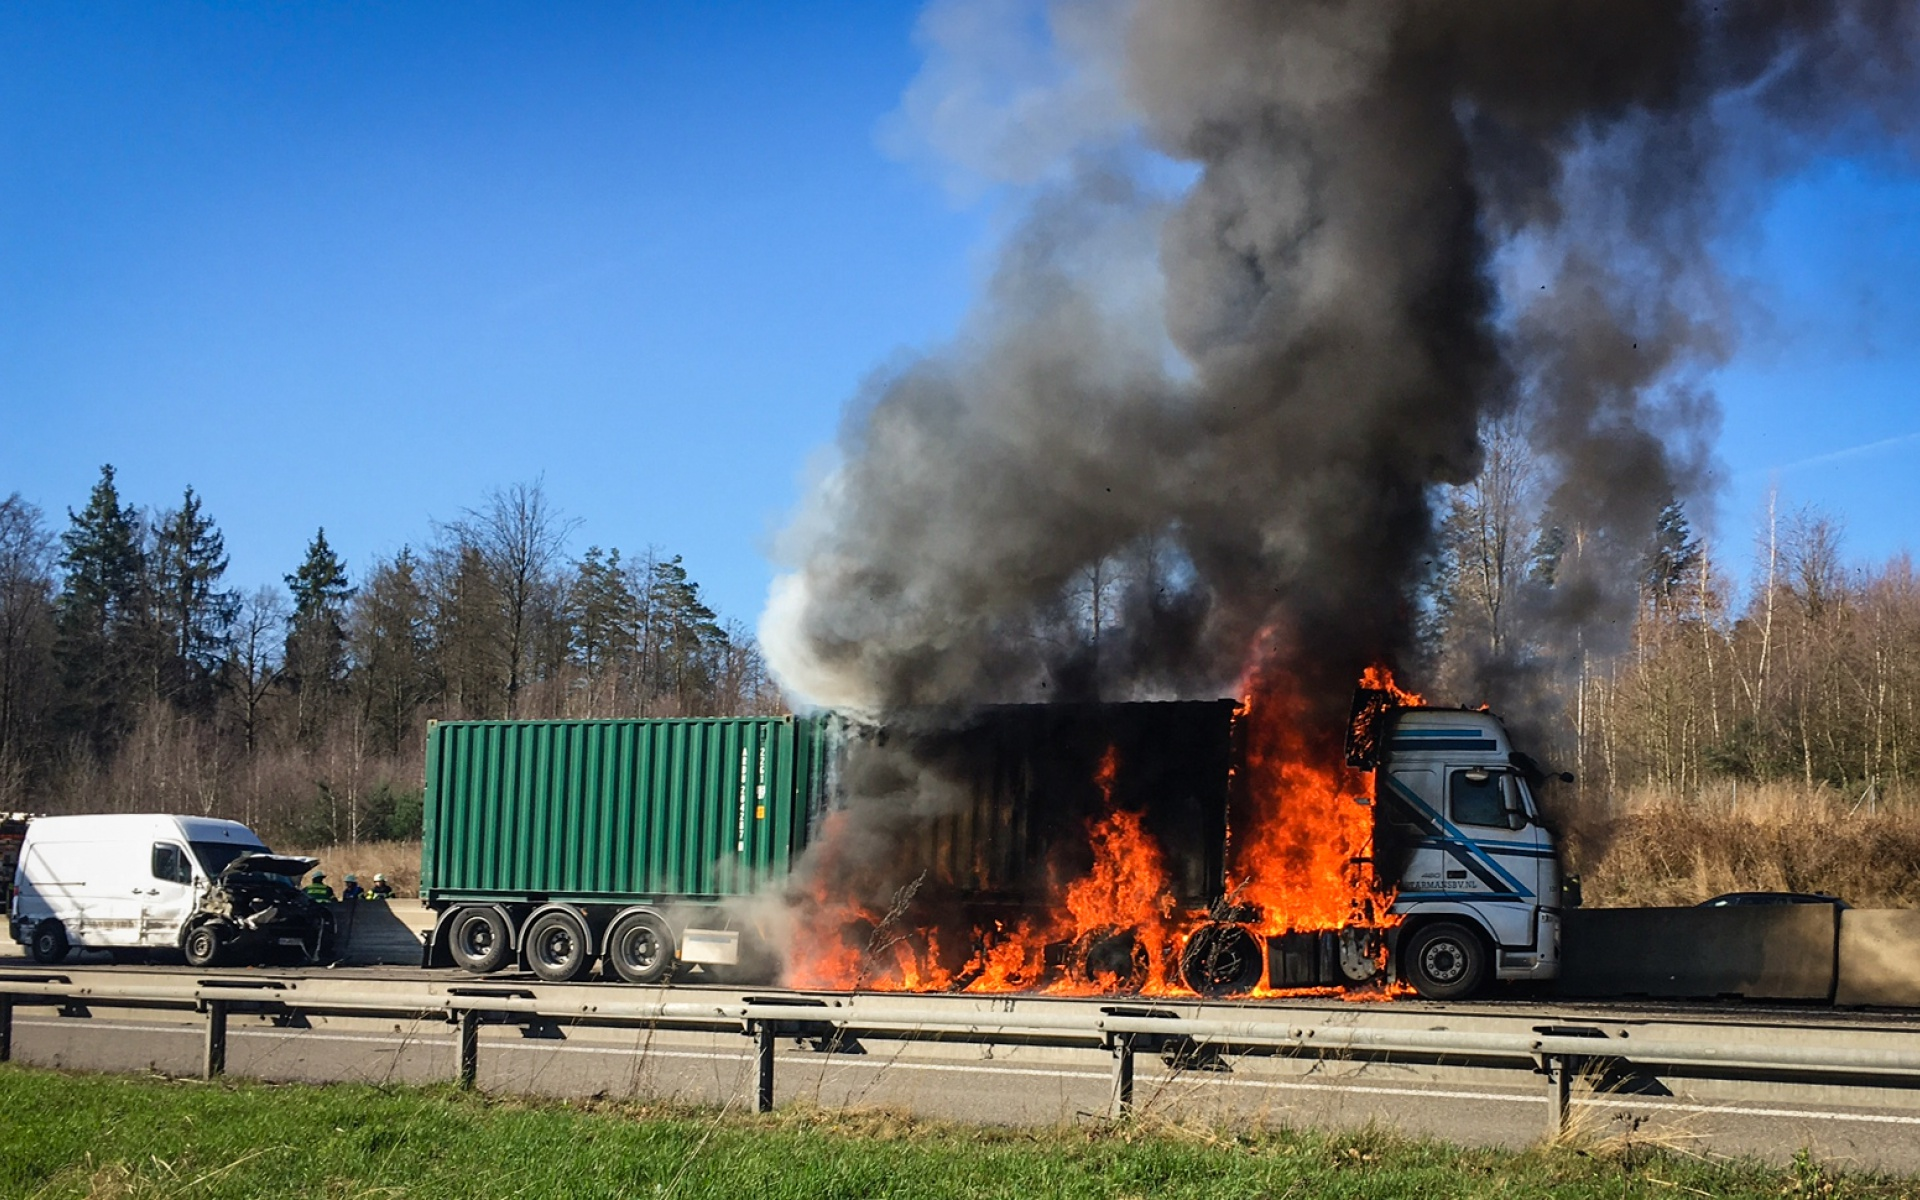 Dramatische Szenen auf der A8, doch glücklicherweise wurde niemand schwer verletzt.